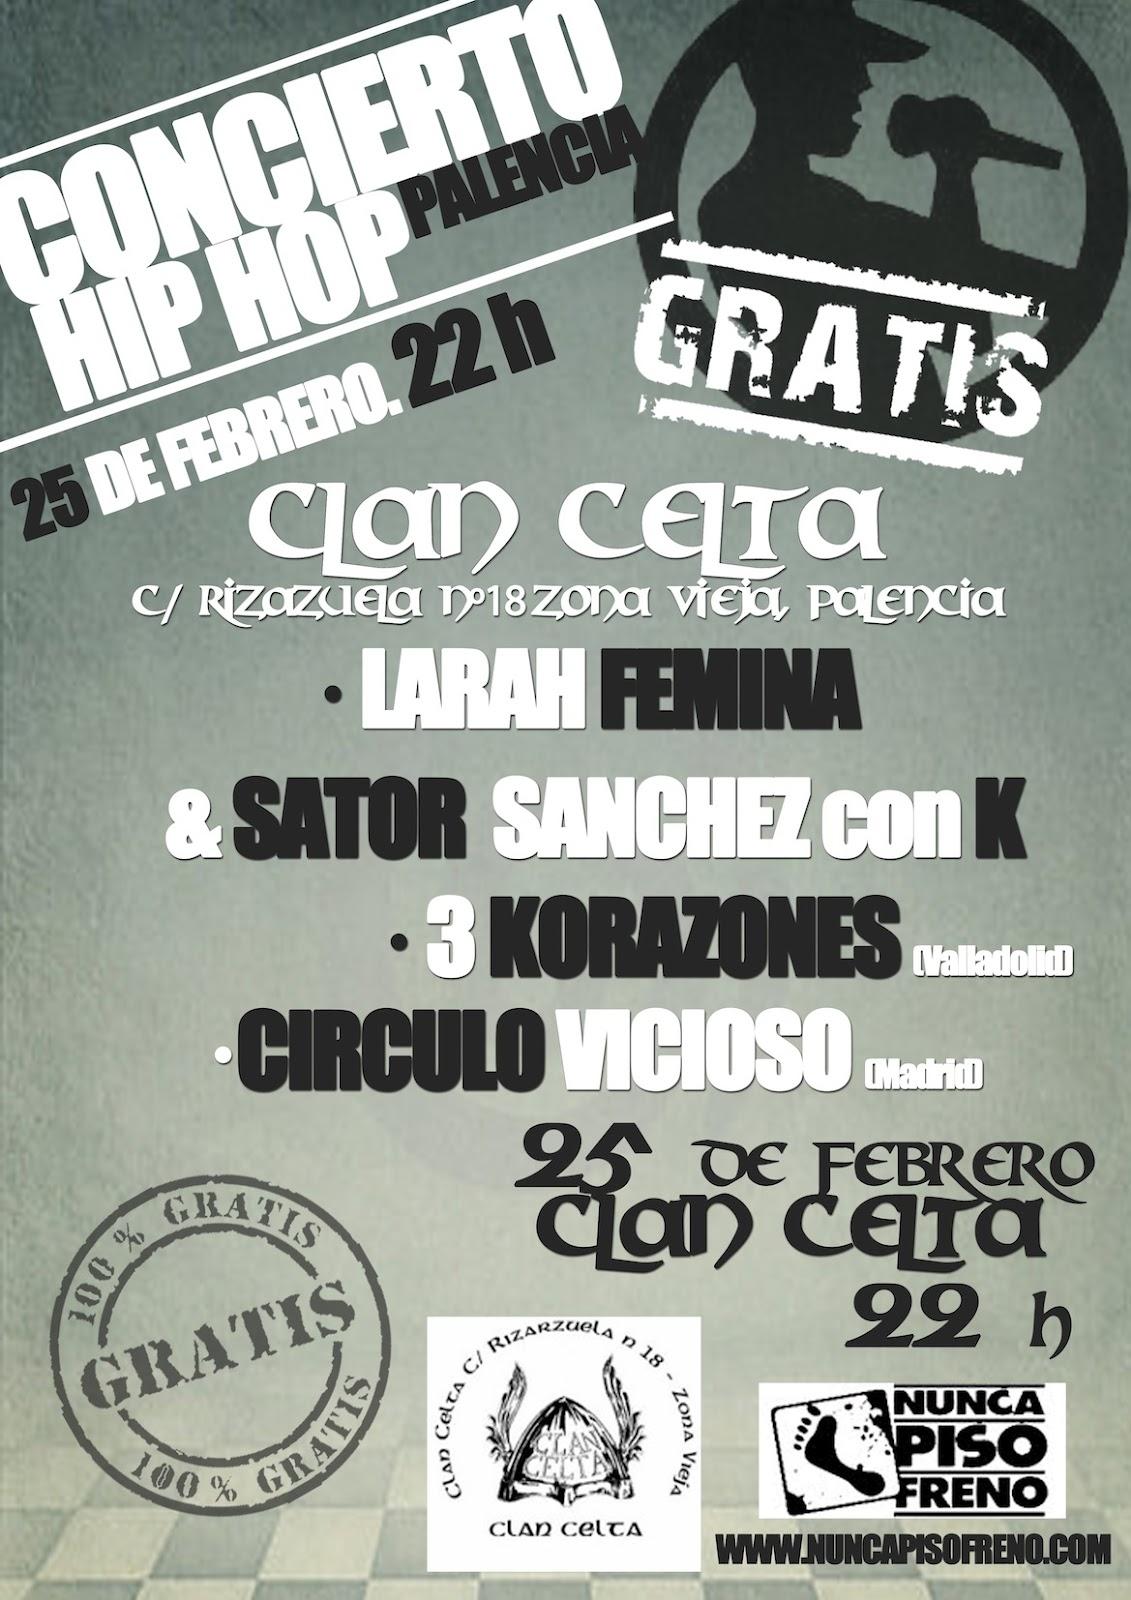 http://2.bp.blogspot.com/-WlqZm1vDljA/T6biAdNc-hI/AAAAAAAAADU/LfSH-yAfBzk/s1600/hip+hop+celta.jpg